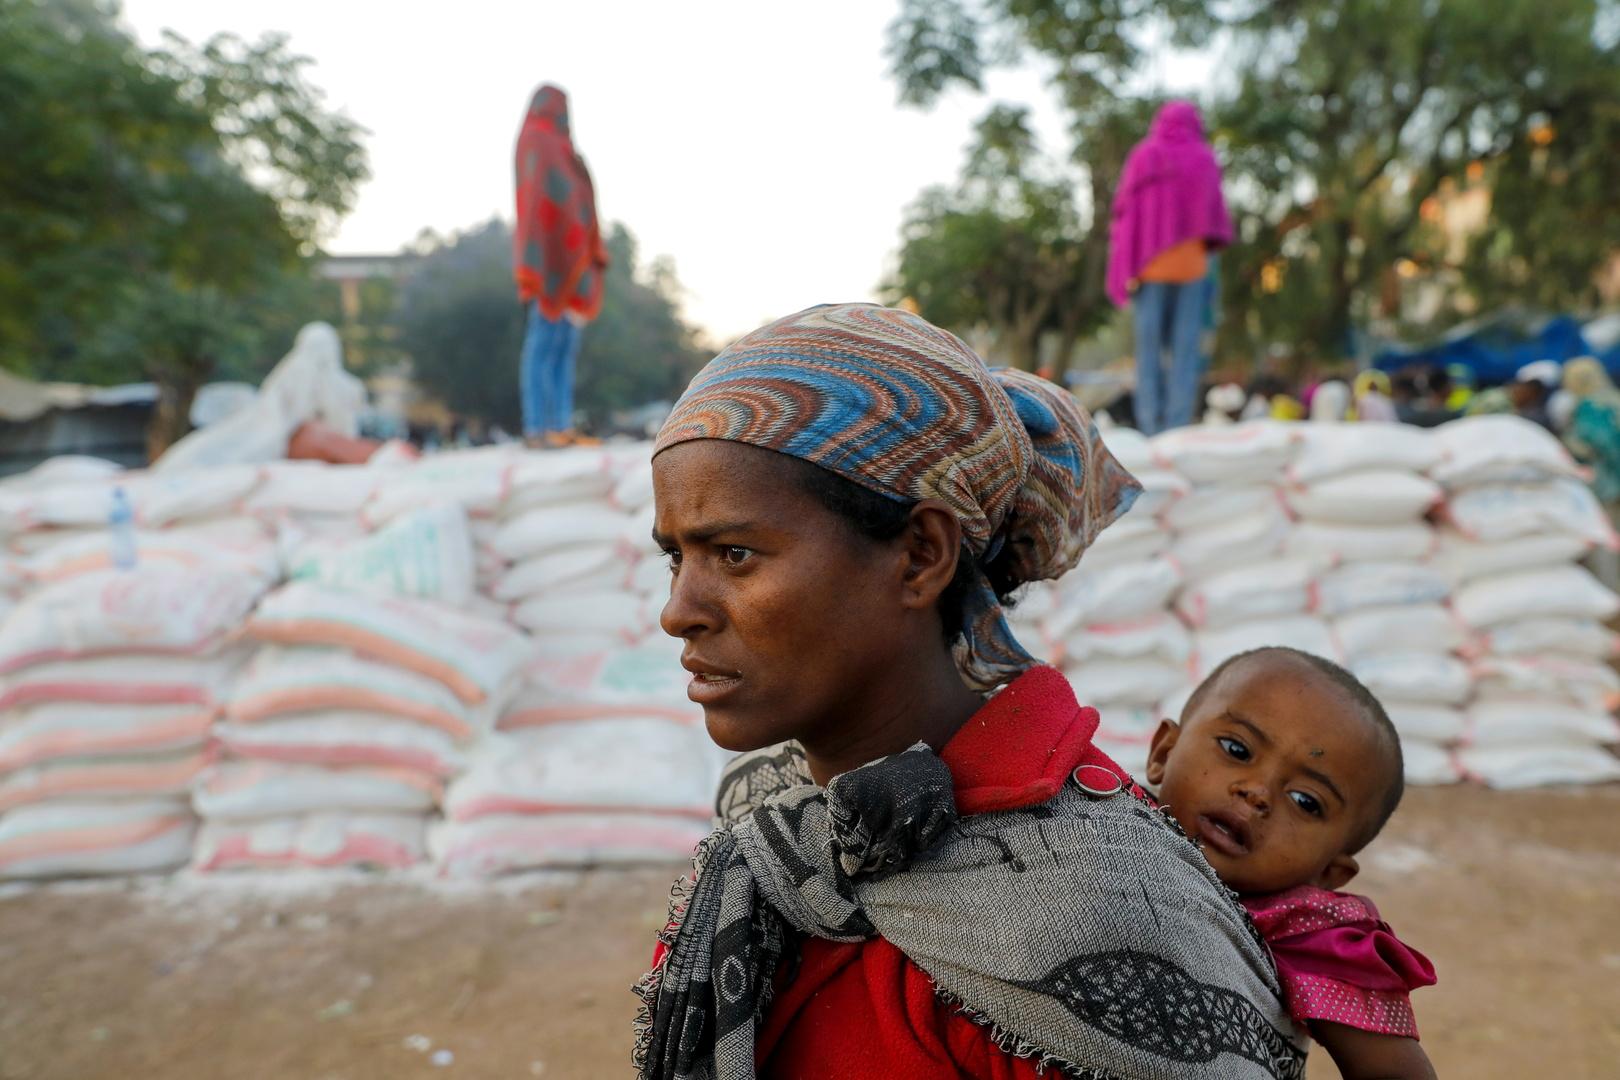 برنامج الأغذية العالمي يعلن استئناف توصيل الغذاء إلى إقليم تيغراي